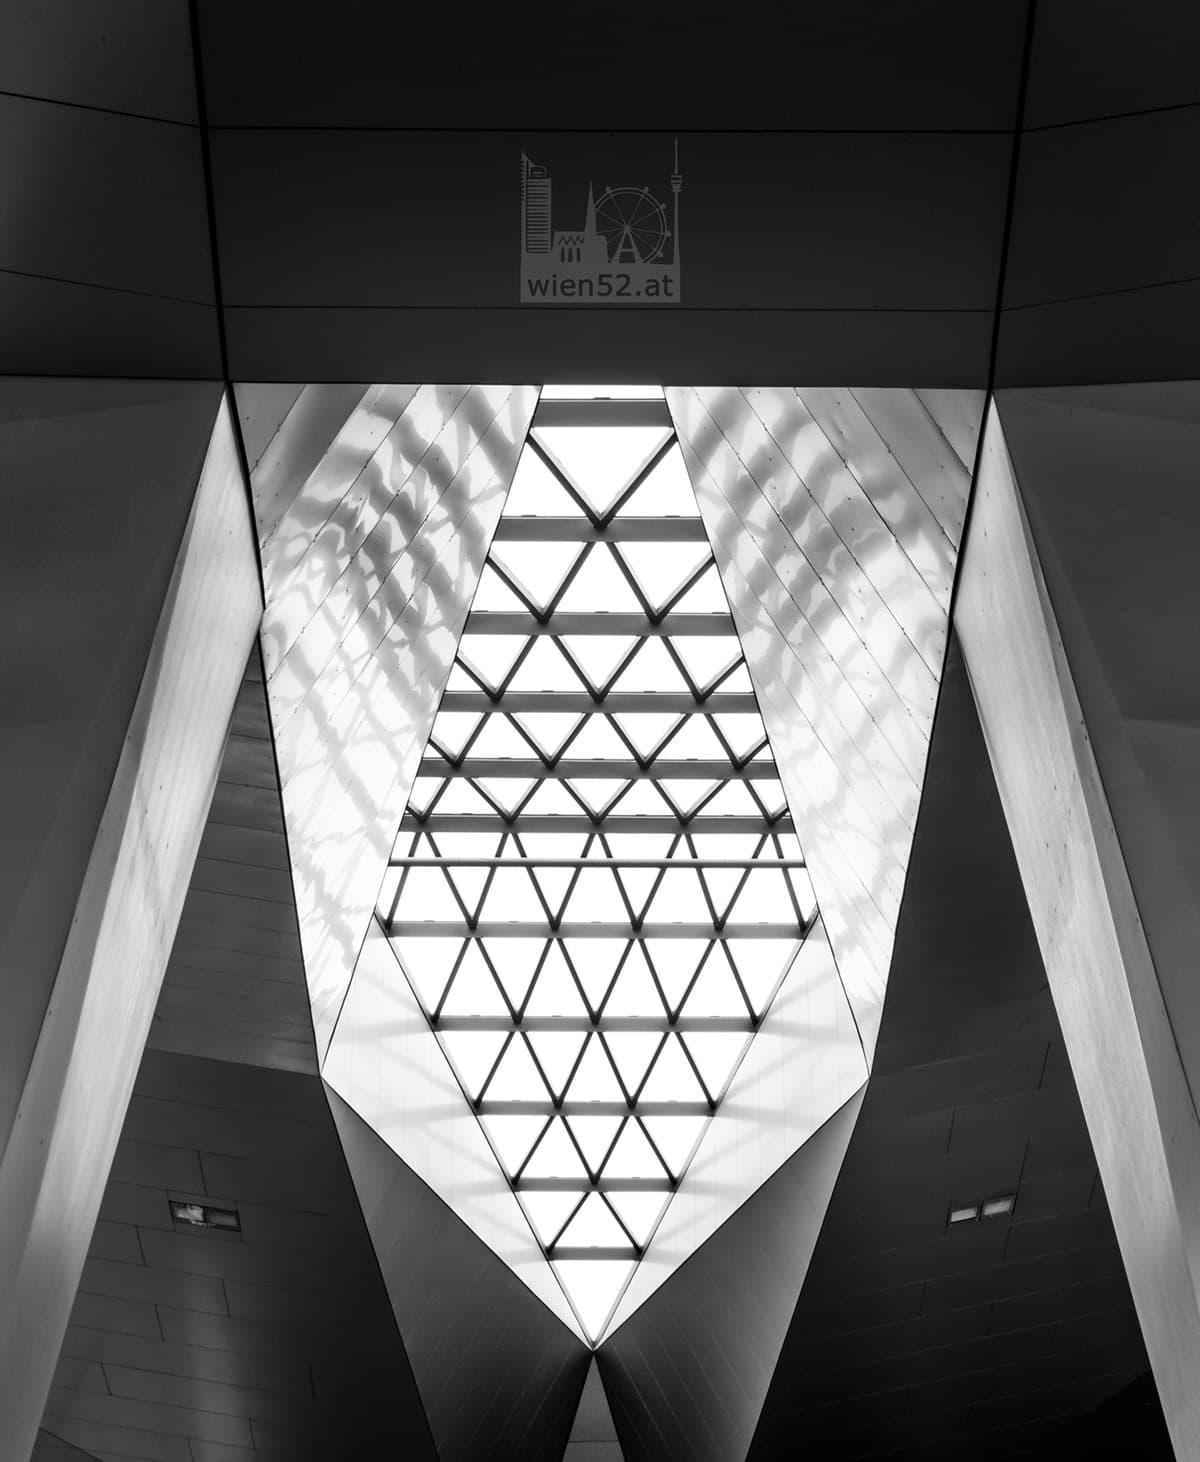 Bahnsteigüberdachung  Wien Hauptbahnhof